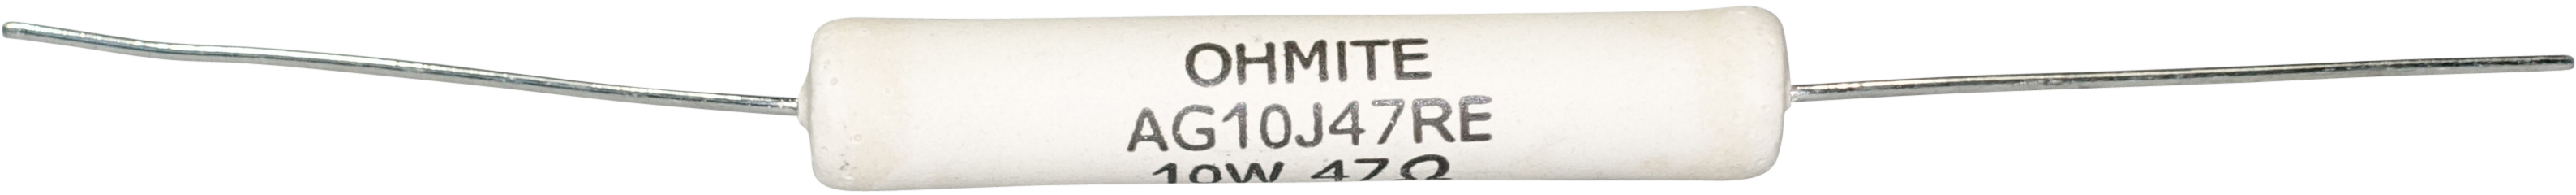 Ohmite Audio Gold 10W - 5,6 Ohm